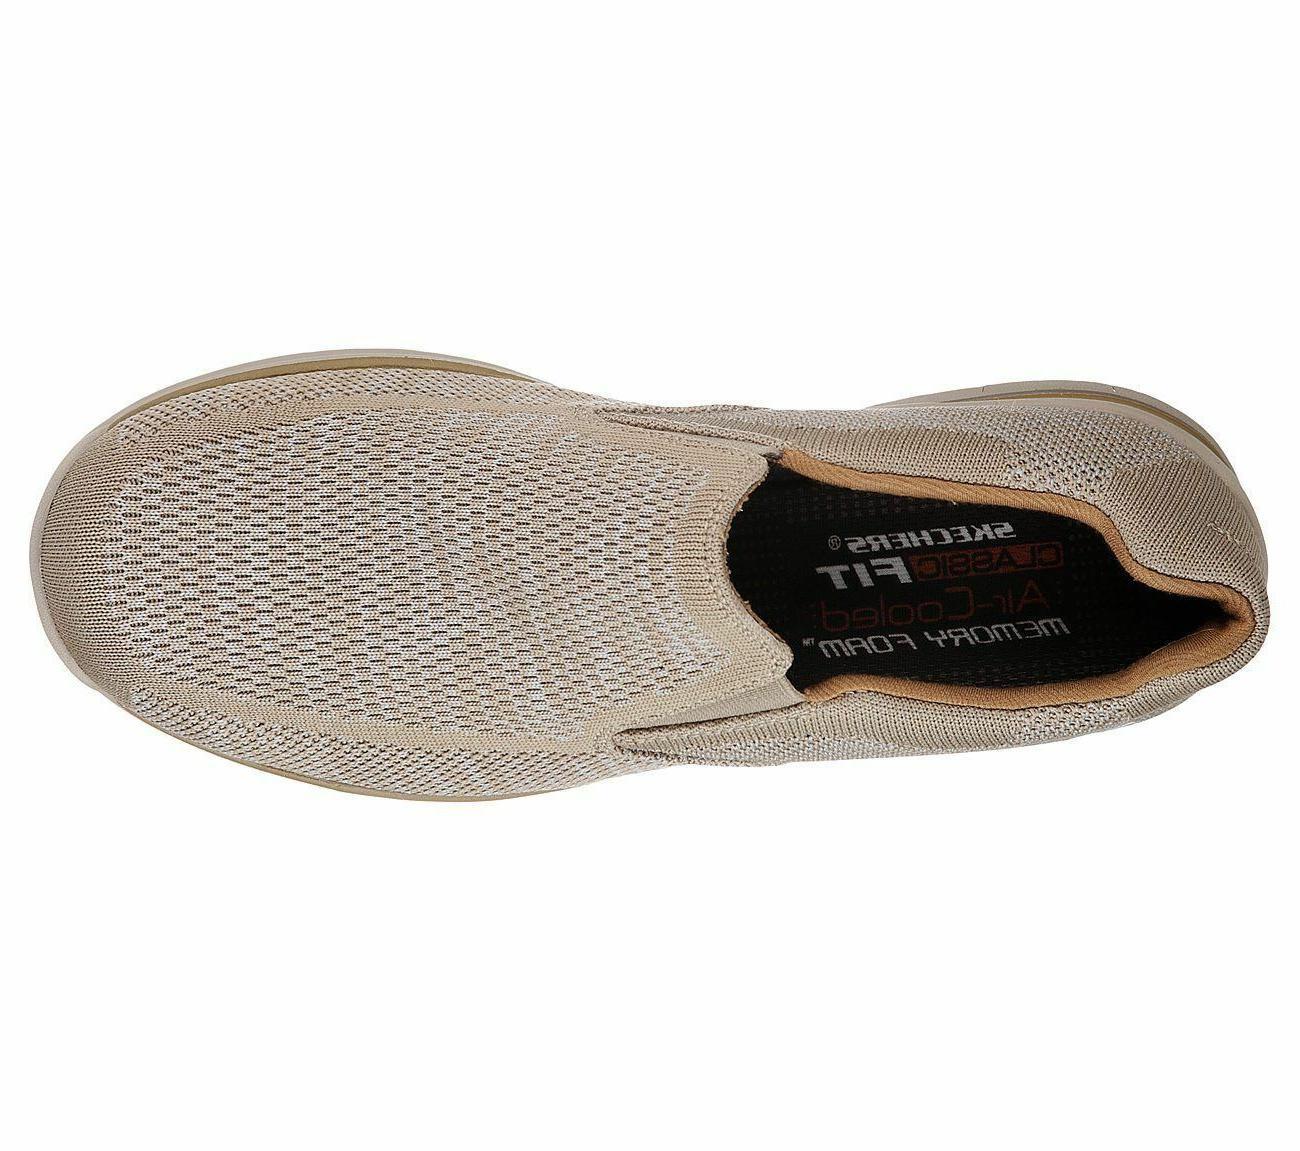 Denim Skechers Men Memory Casual Loafer Slip On